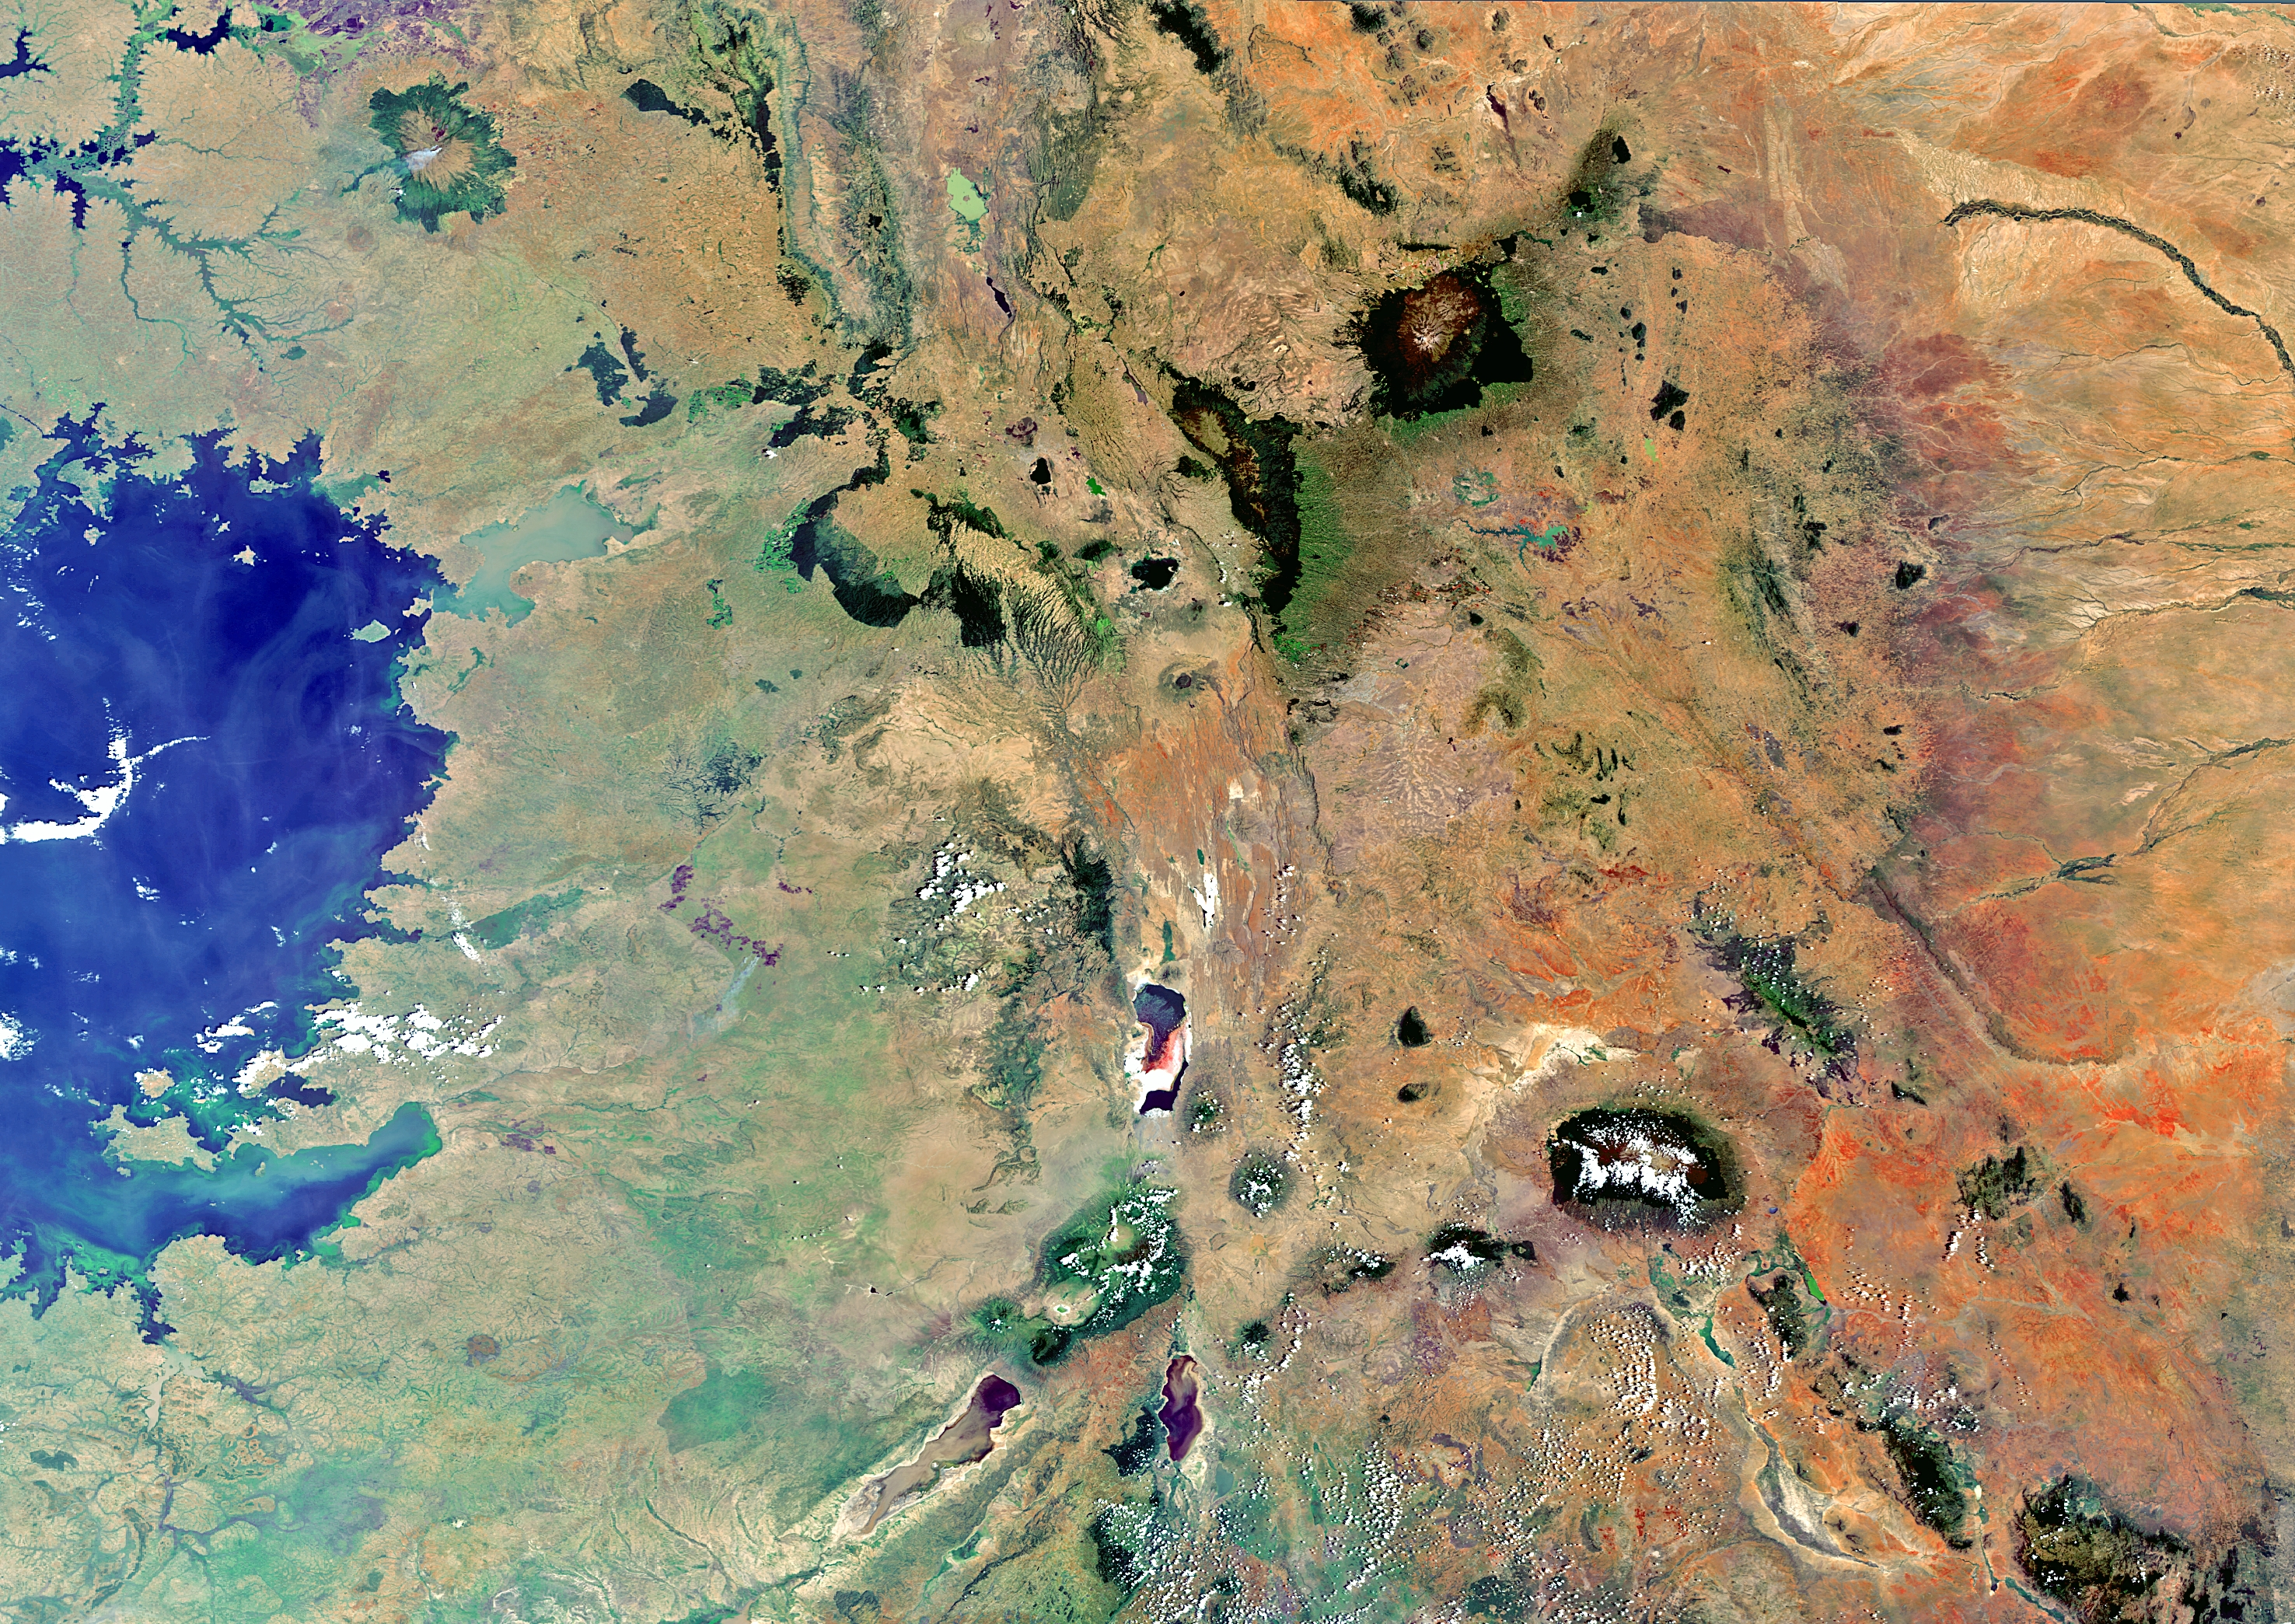 hookup kenya uganda tanzania Kenya - uganda border: busia and malaba kenya - tanzania border: namanga and holili tanzania - uganda border: mutukula tanzania - burundi border:.